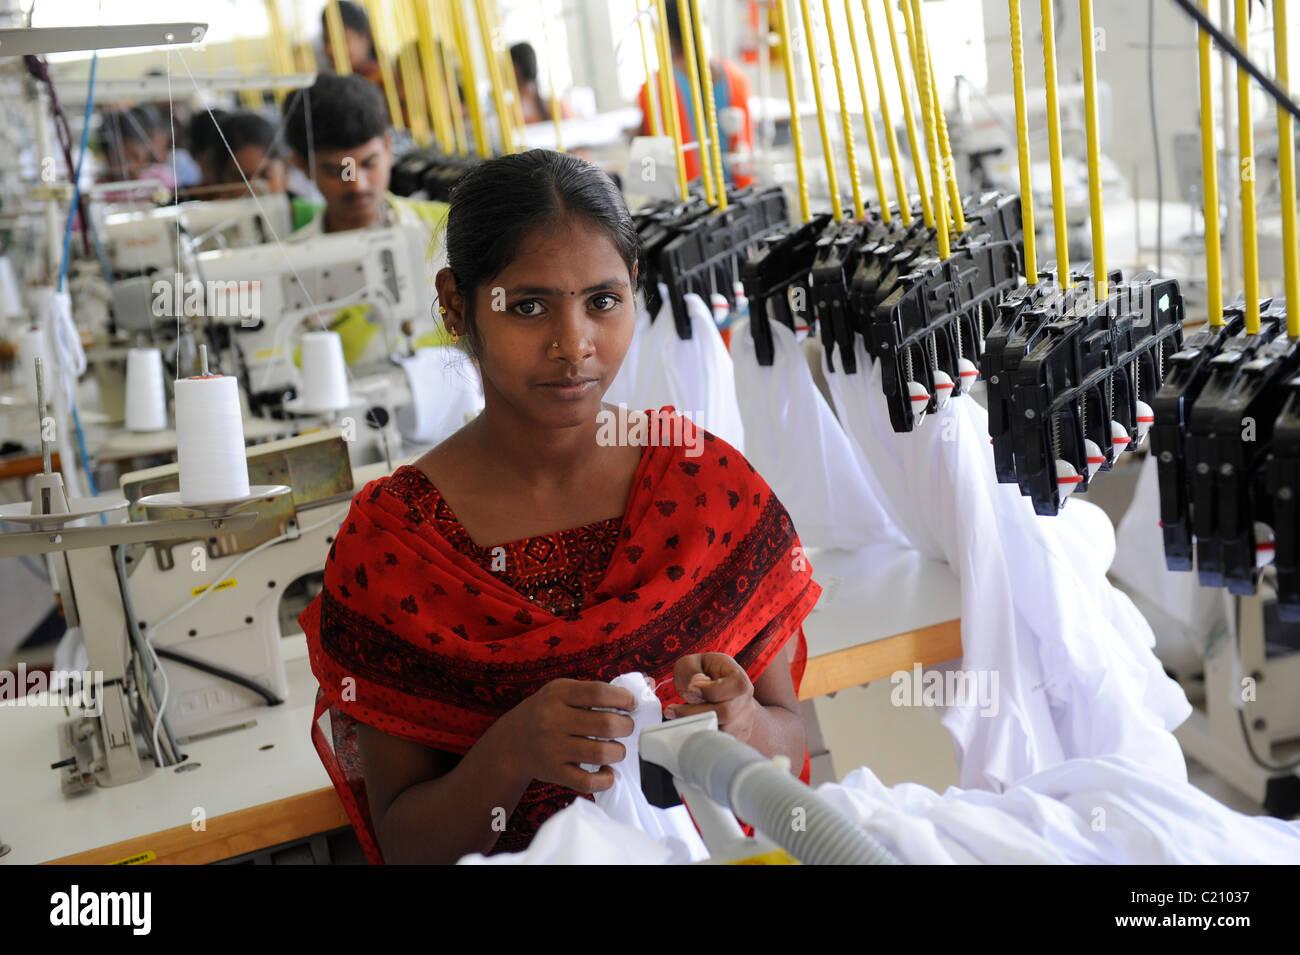 India, nello Stato del Tamil Nadu, Tirupur , le donne che lavorano nel commercio equo e solidale in fabbrica tessile, Immagini Stock